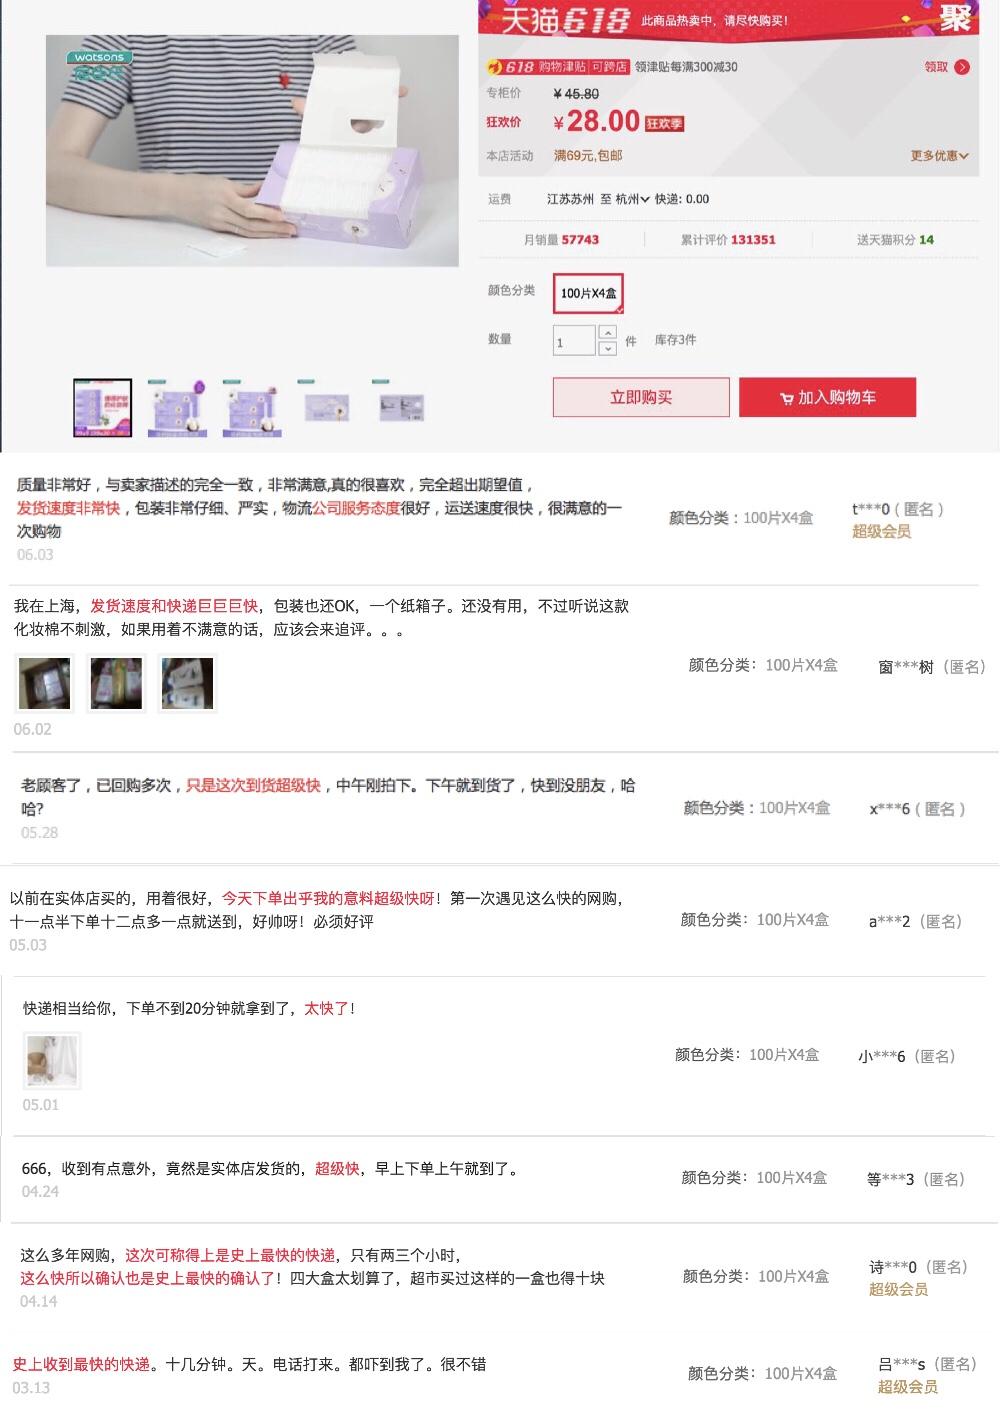 """天猫屈臣氏旗舰店支持门店发货的商品下关于""""物流快""""的评价超过千条"""